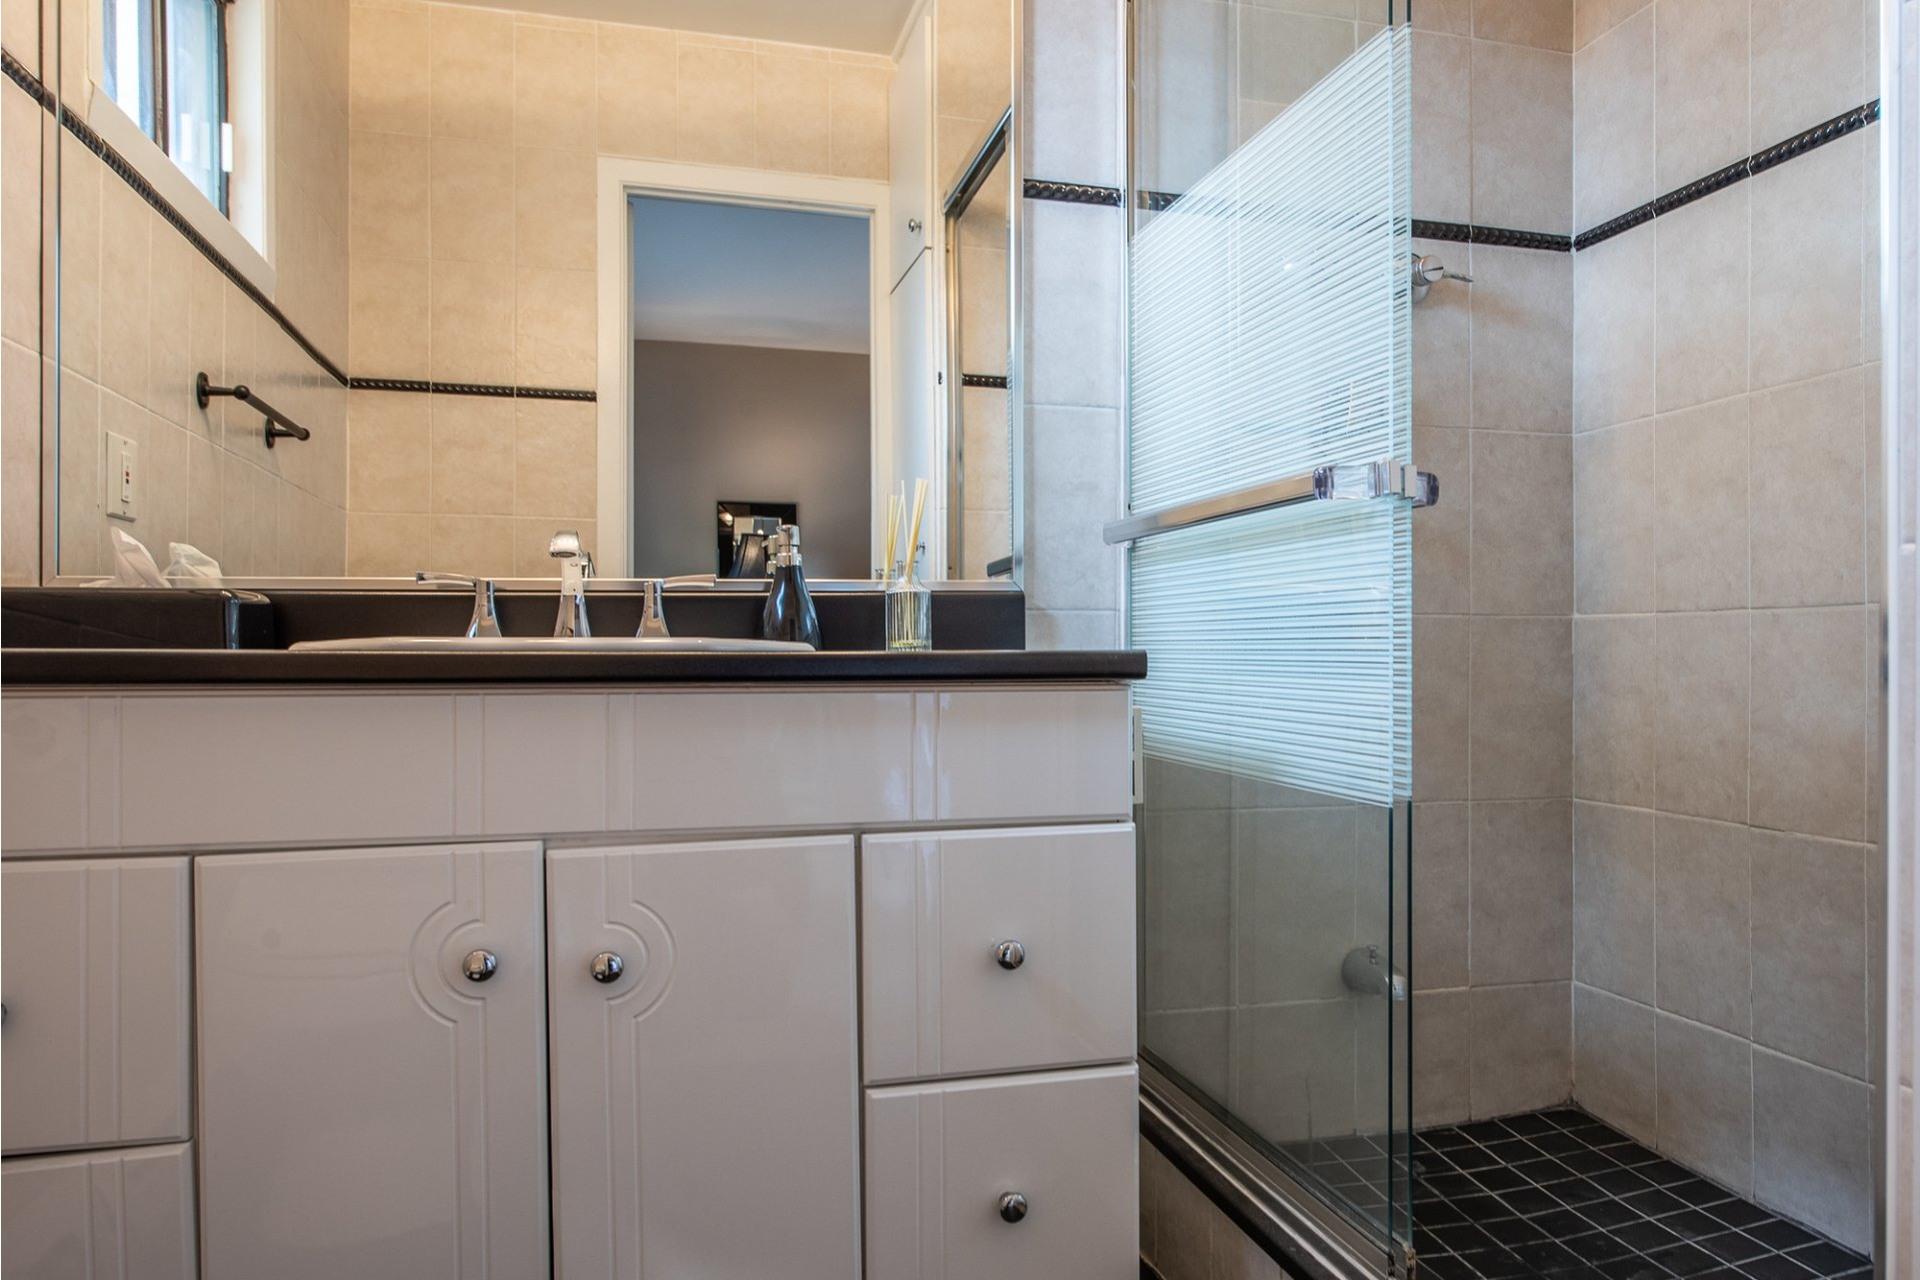 image 17 - House For sale Montréal Saint-Laurent  - 15 rooms